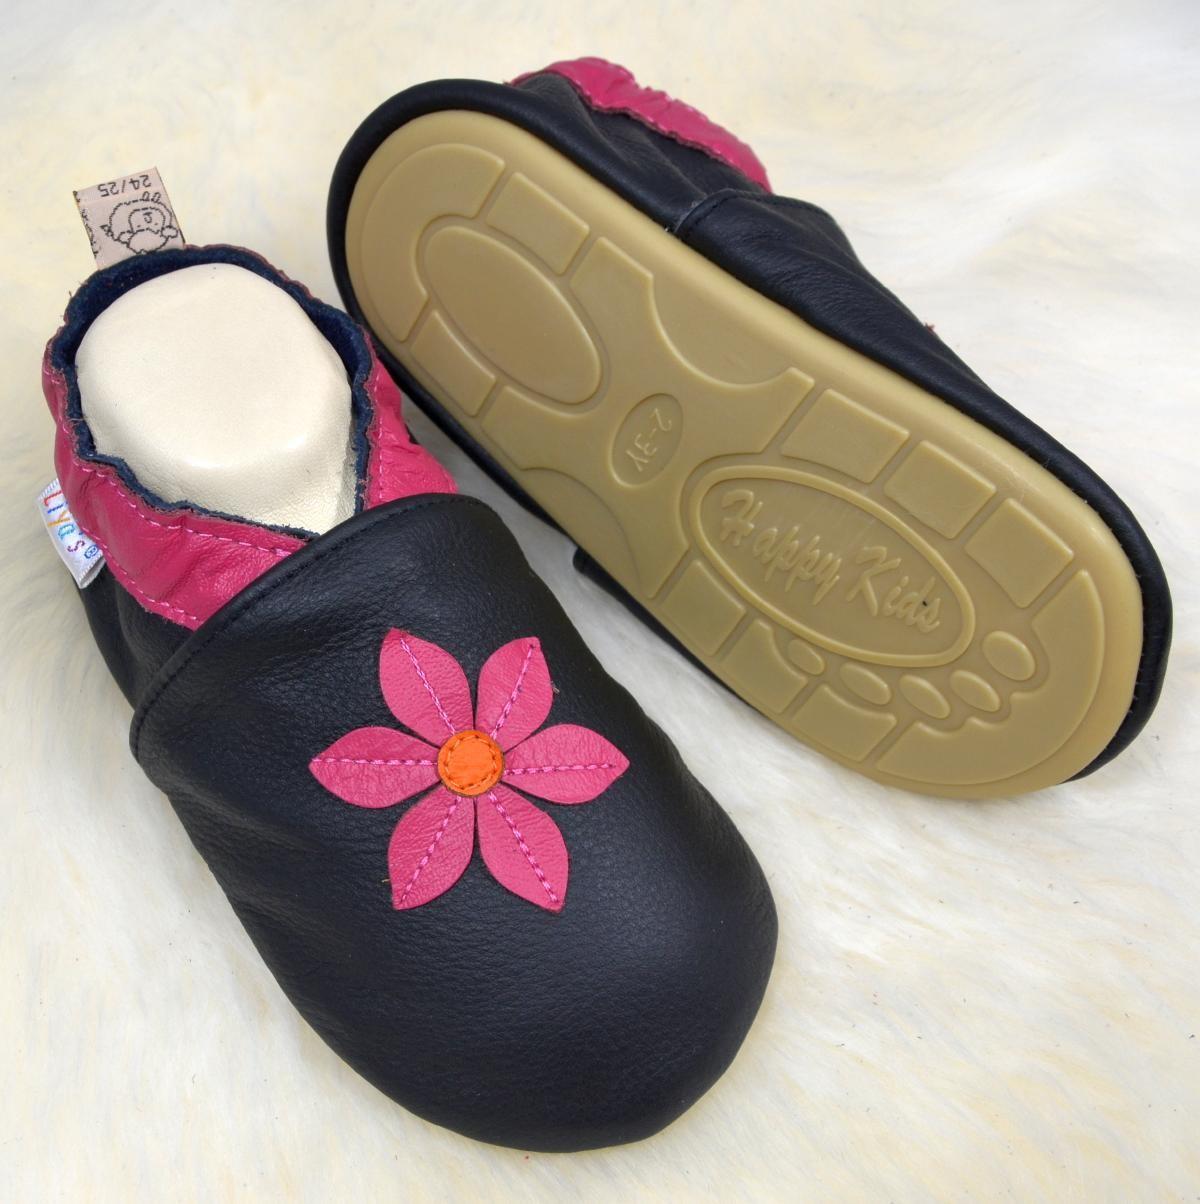 Liya's Krabbelschuhe Lederpuschen mit vollgummi - #291 Pinkblume in schwarz